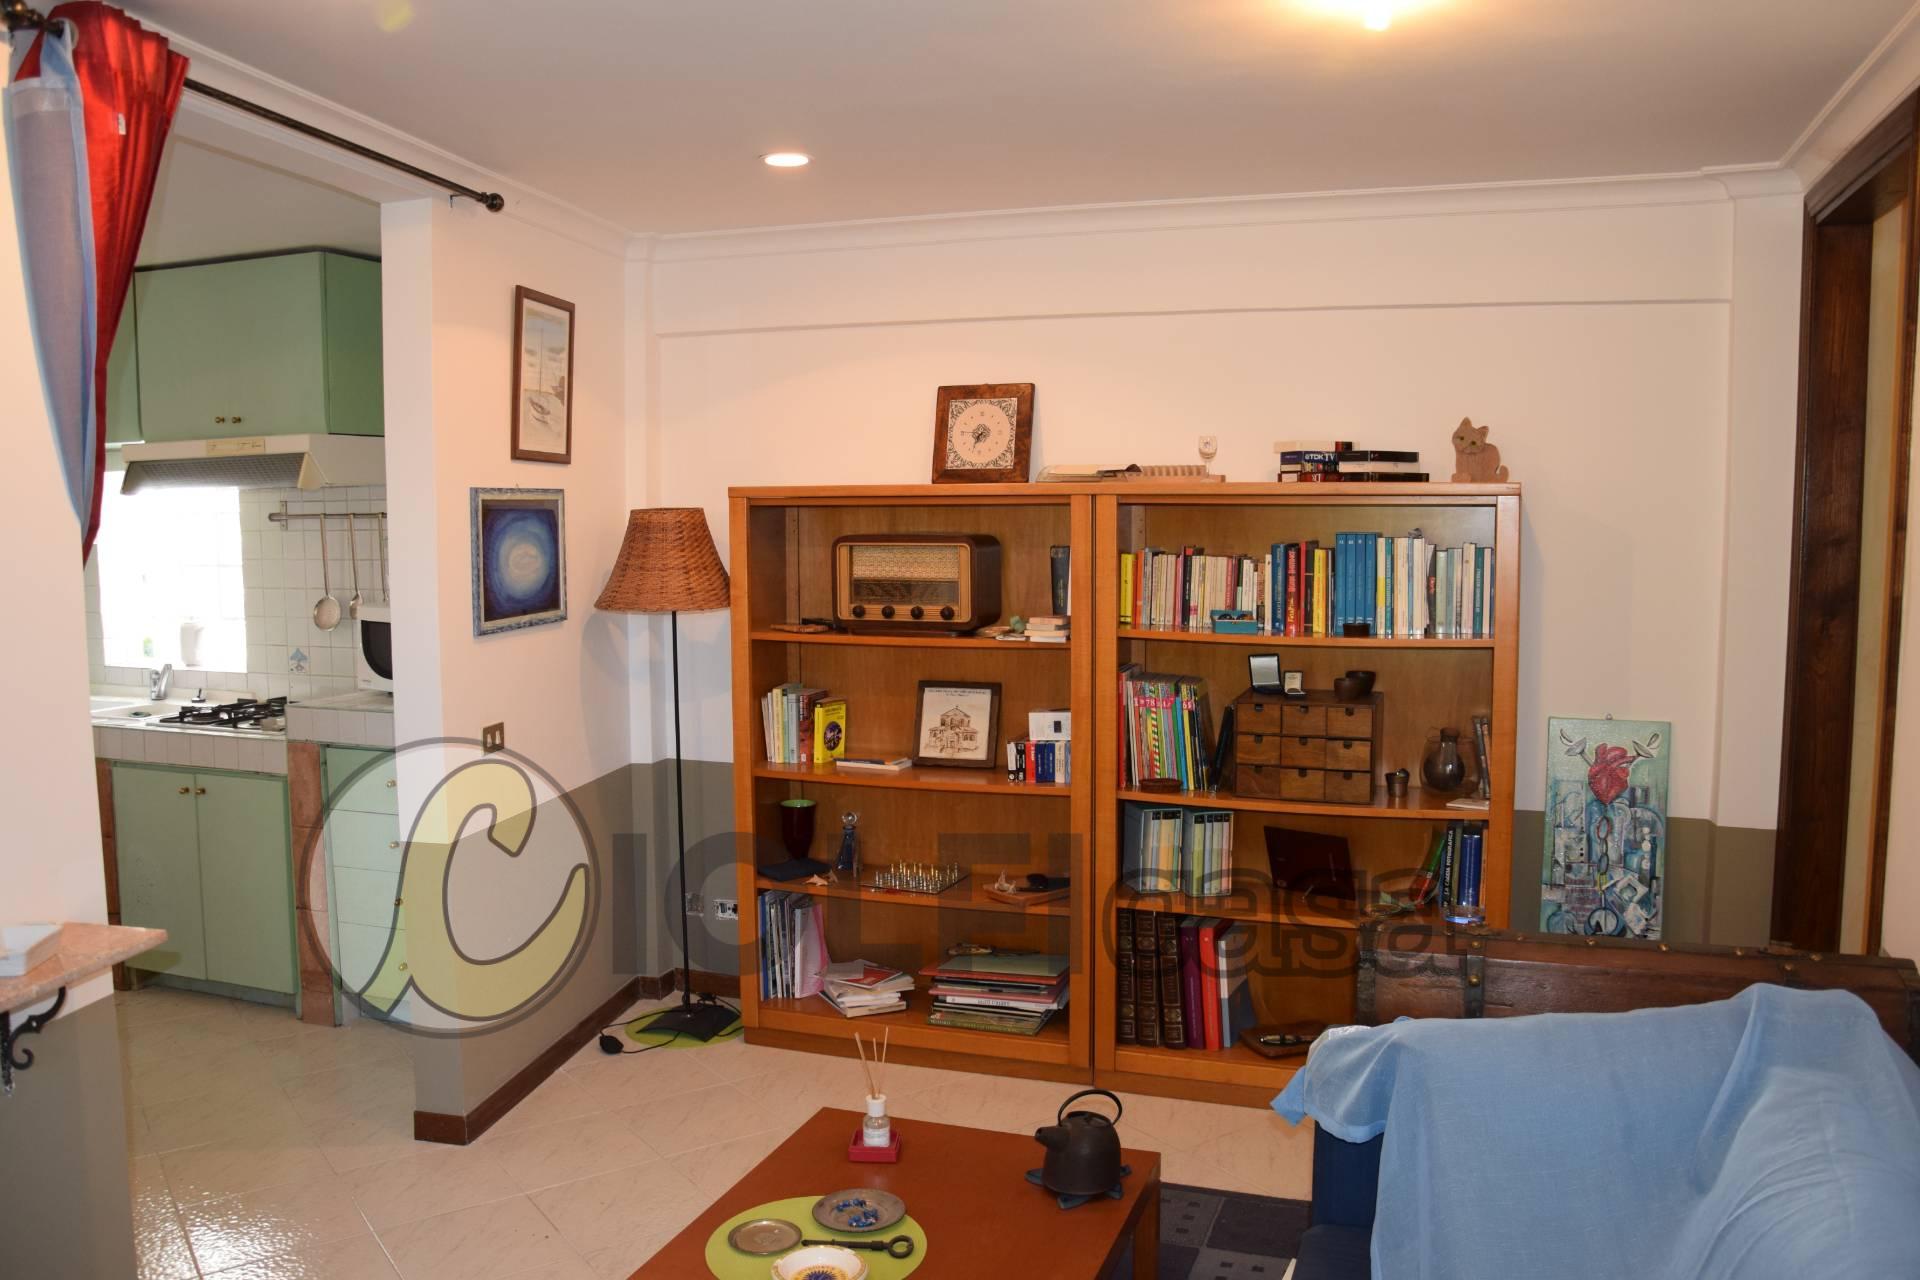 Appartamento in vendita a Cassino, 3 locali, zona Zona: Montecassino, prezzo € 85.000   CambioCasa.it